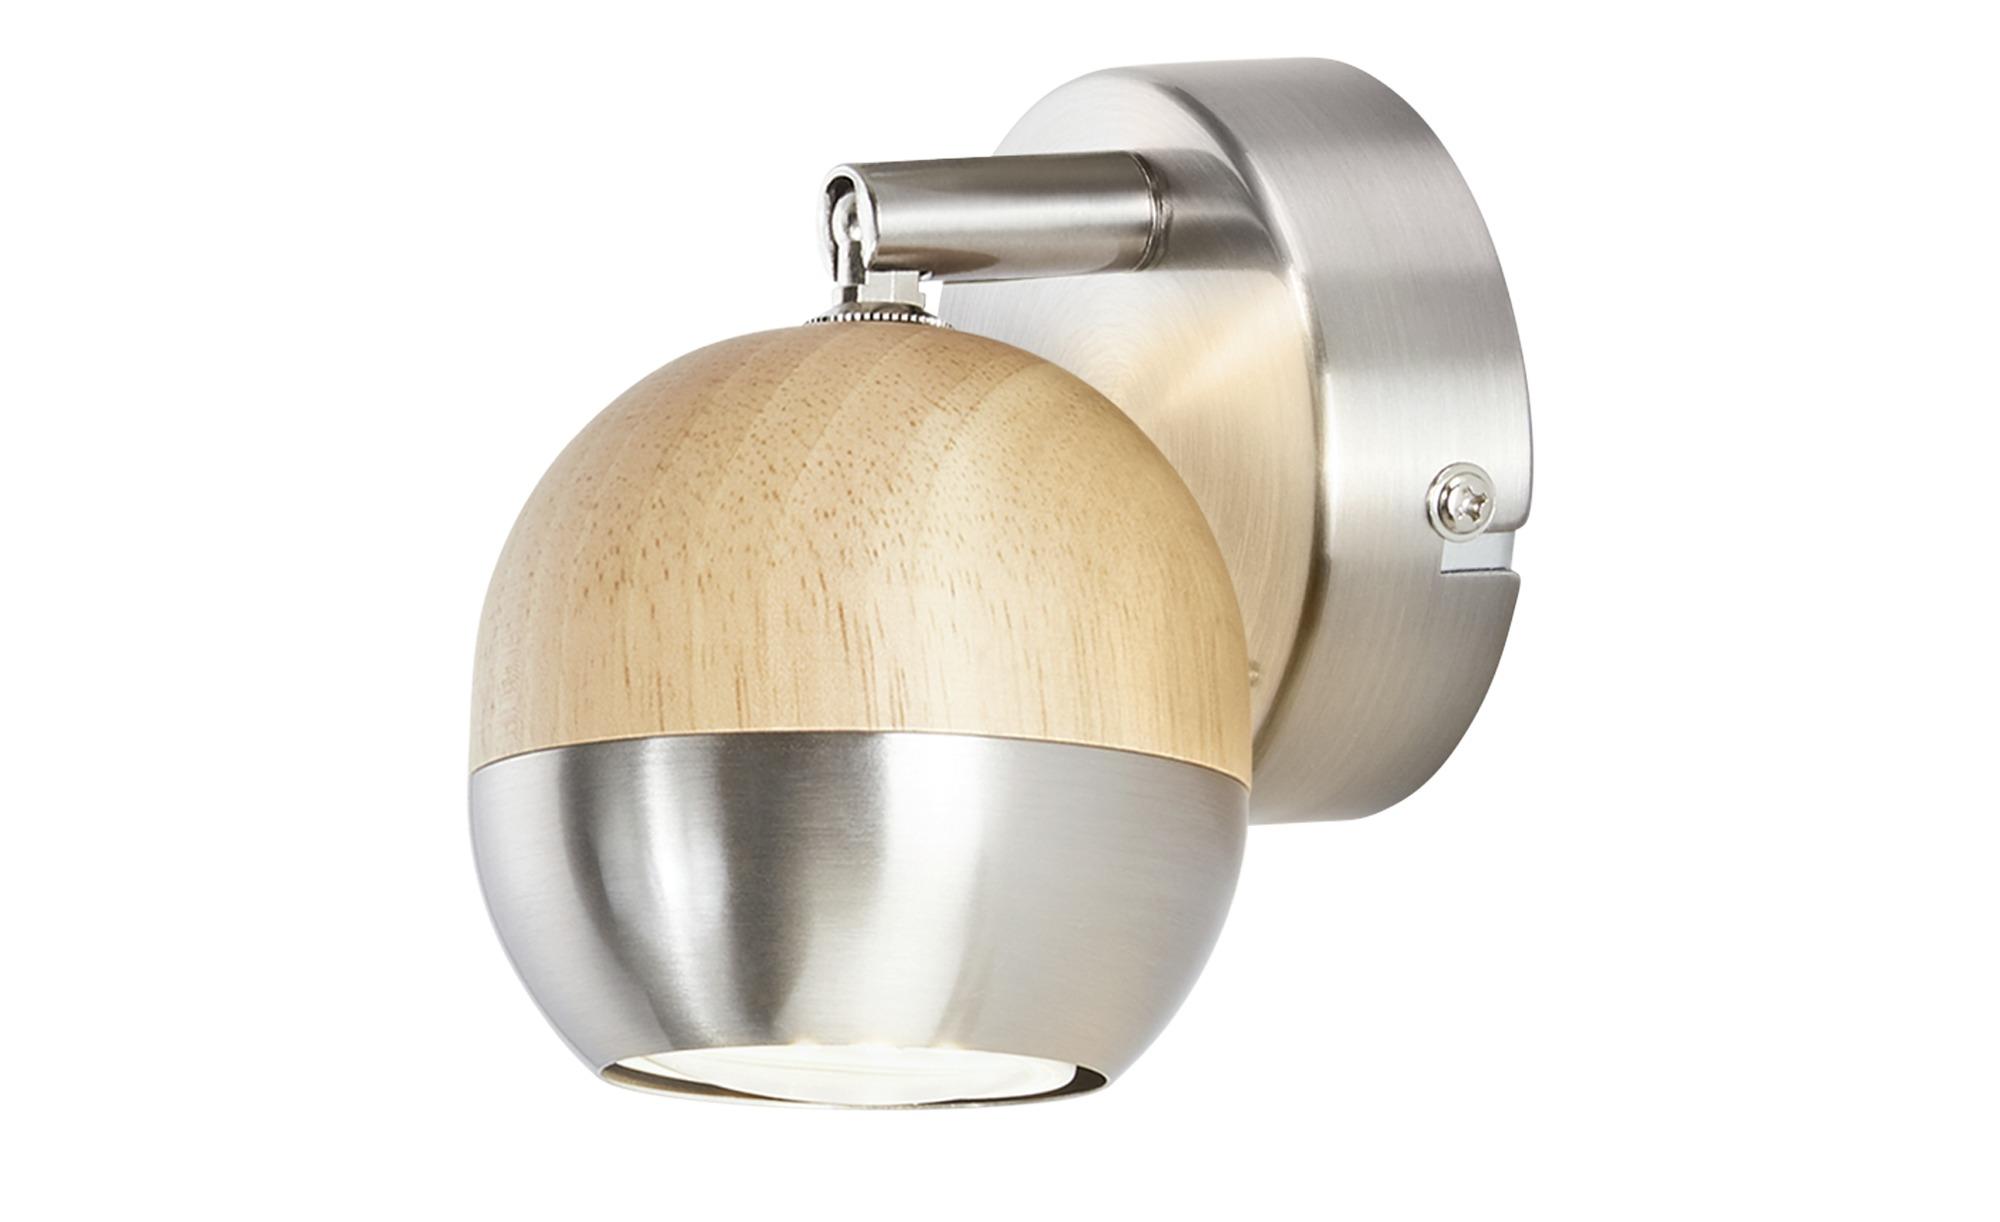 LED-Spot aus Holz und Metall von KHG